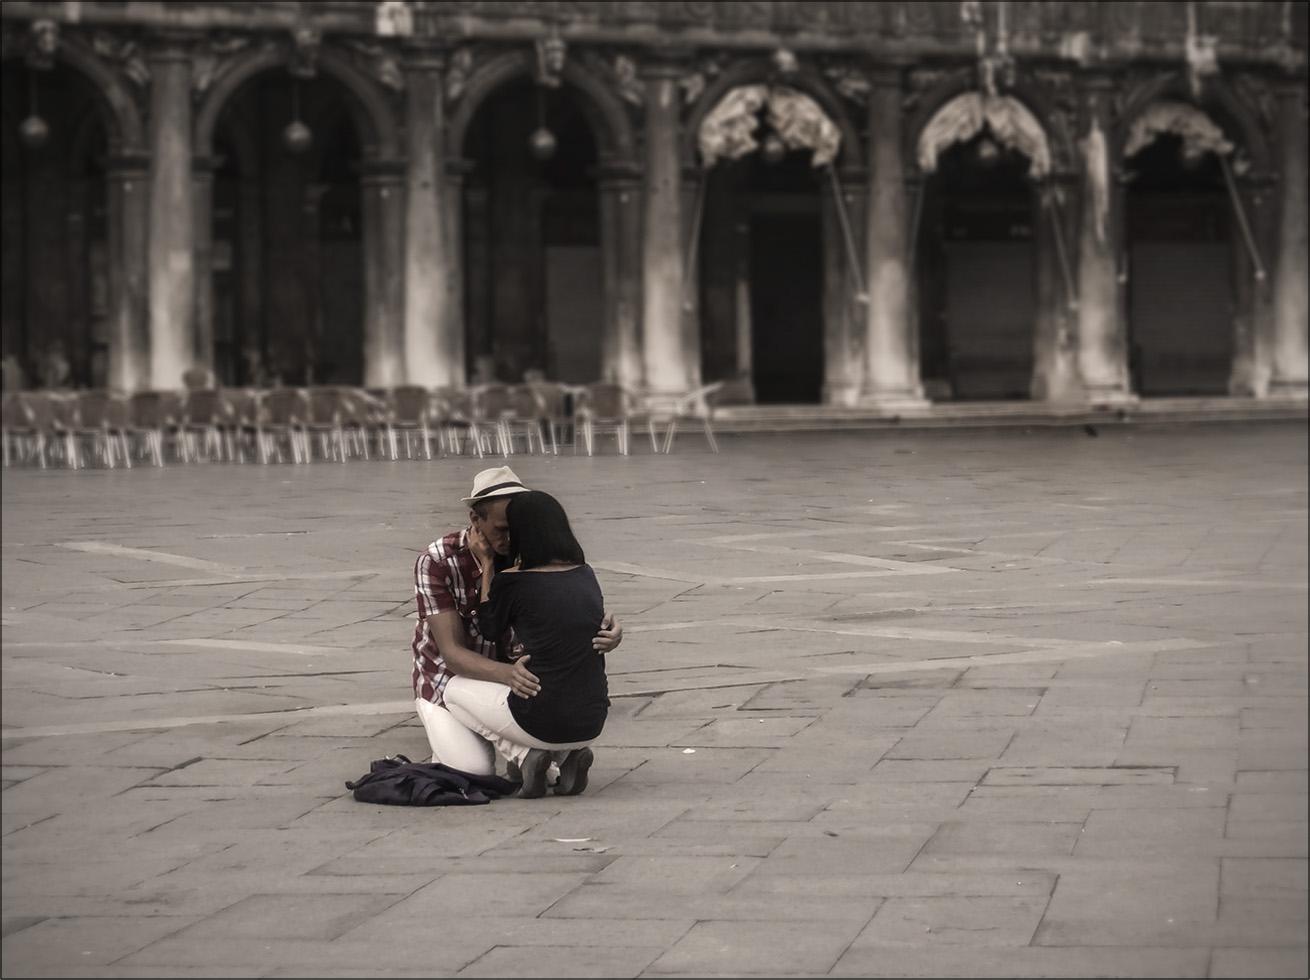 """фото """"Они любят друг друга..."""" метки: стрит-фото, foto liubos, venecia, Венеция, Италия, влюблённые, площадь сан марко"""